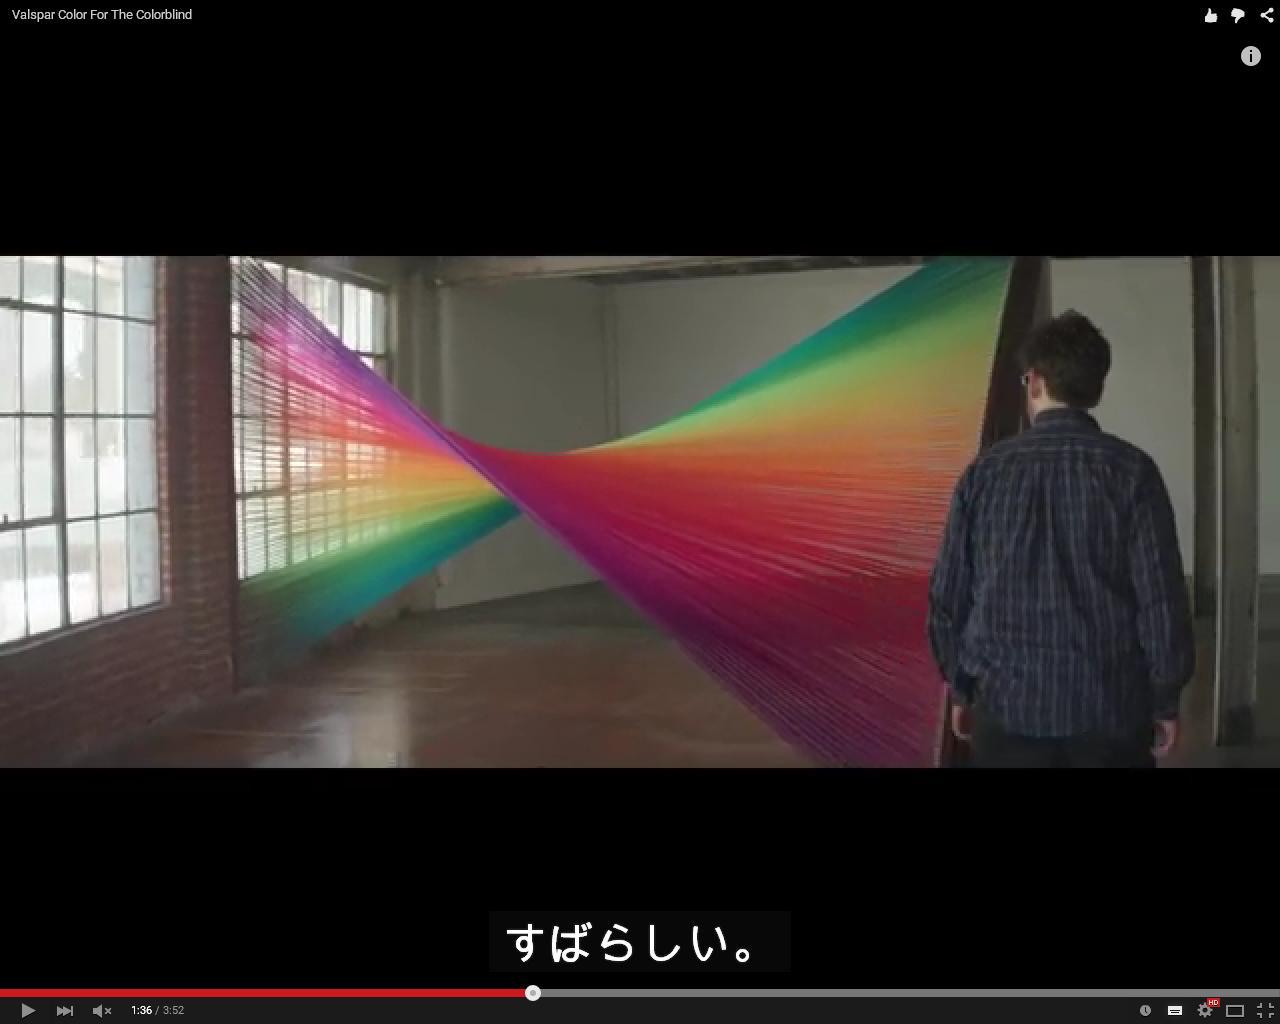 「色弱異常矯正メガネ」によって、初めて<br>色のついた子供を見た父親の感動動画